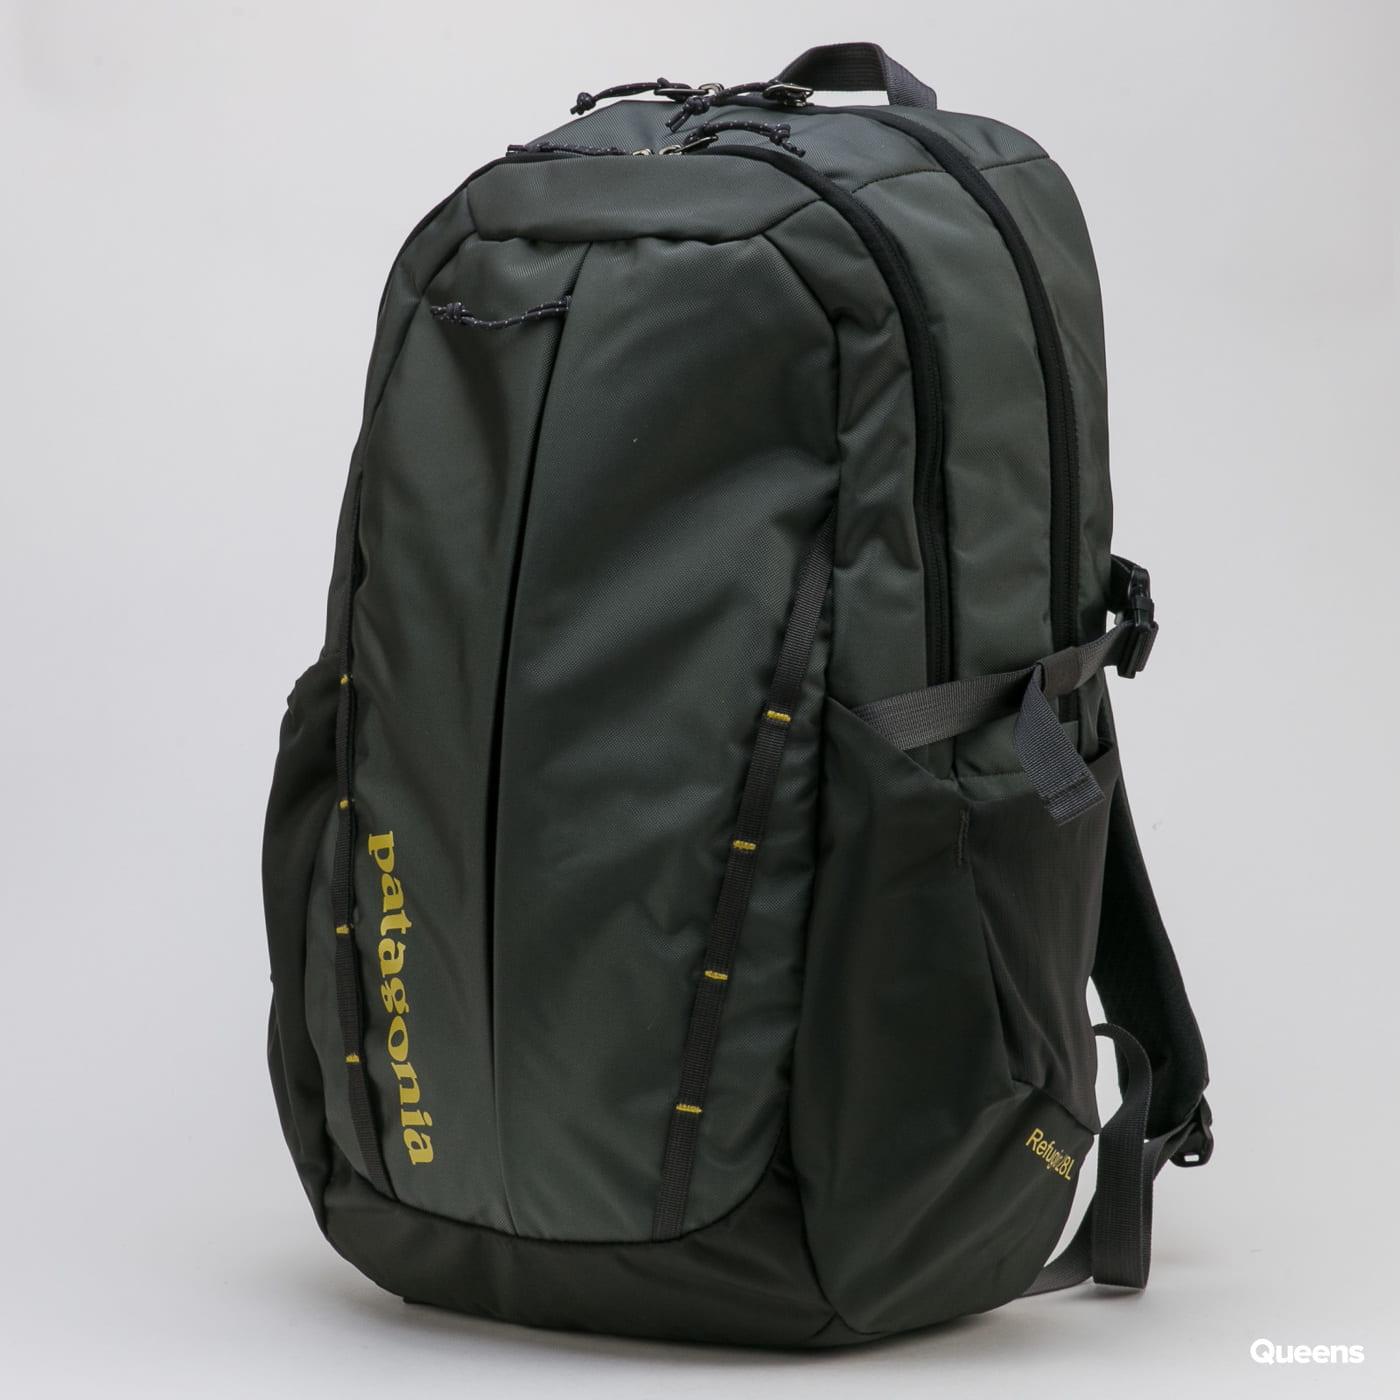 Patagonia Refugio Pack 28L